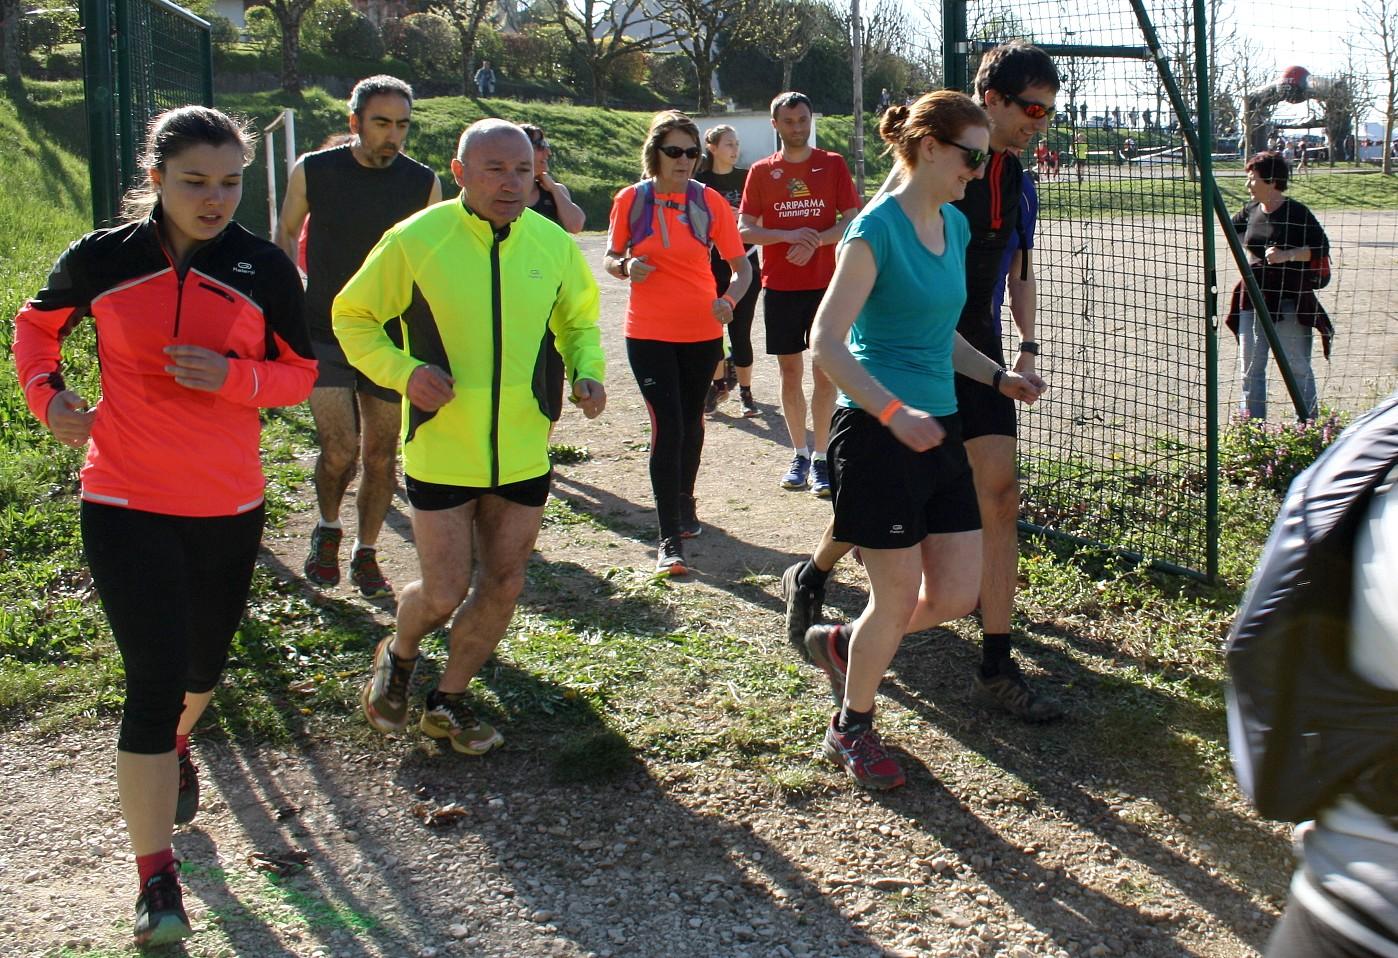 2017-04-09 - Trail-Montfaucon-Juliette (49)